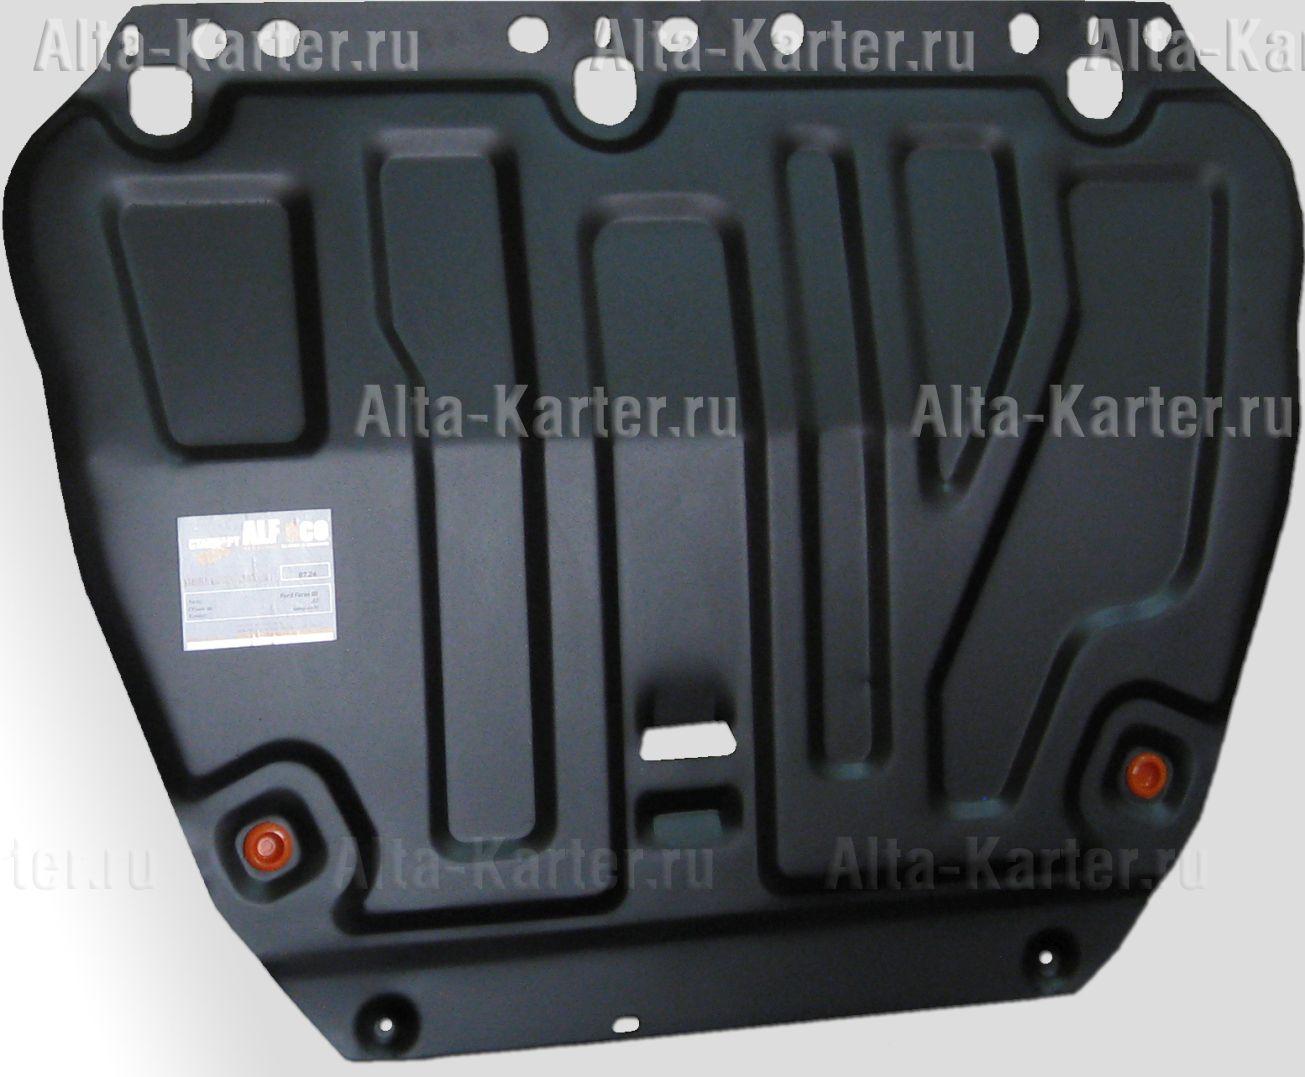 Защита Alfeco для картера и КПП Ford Focus III 2011-2019. Артикул ALF.07.26 st